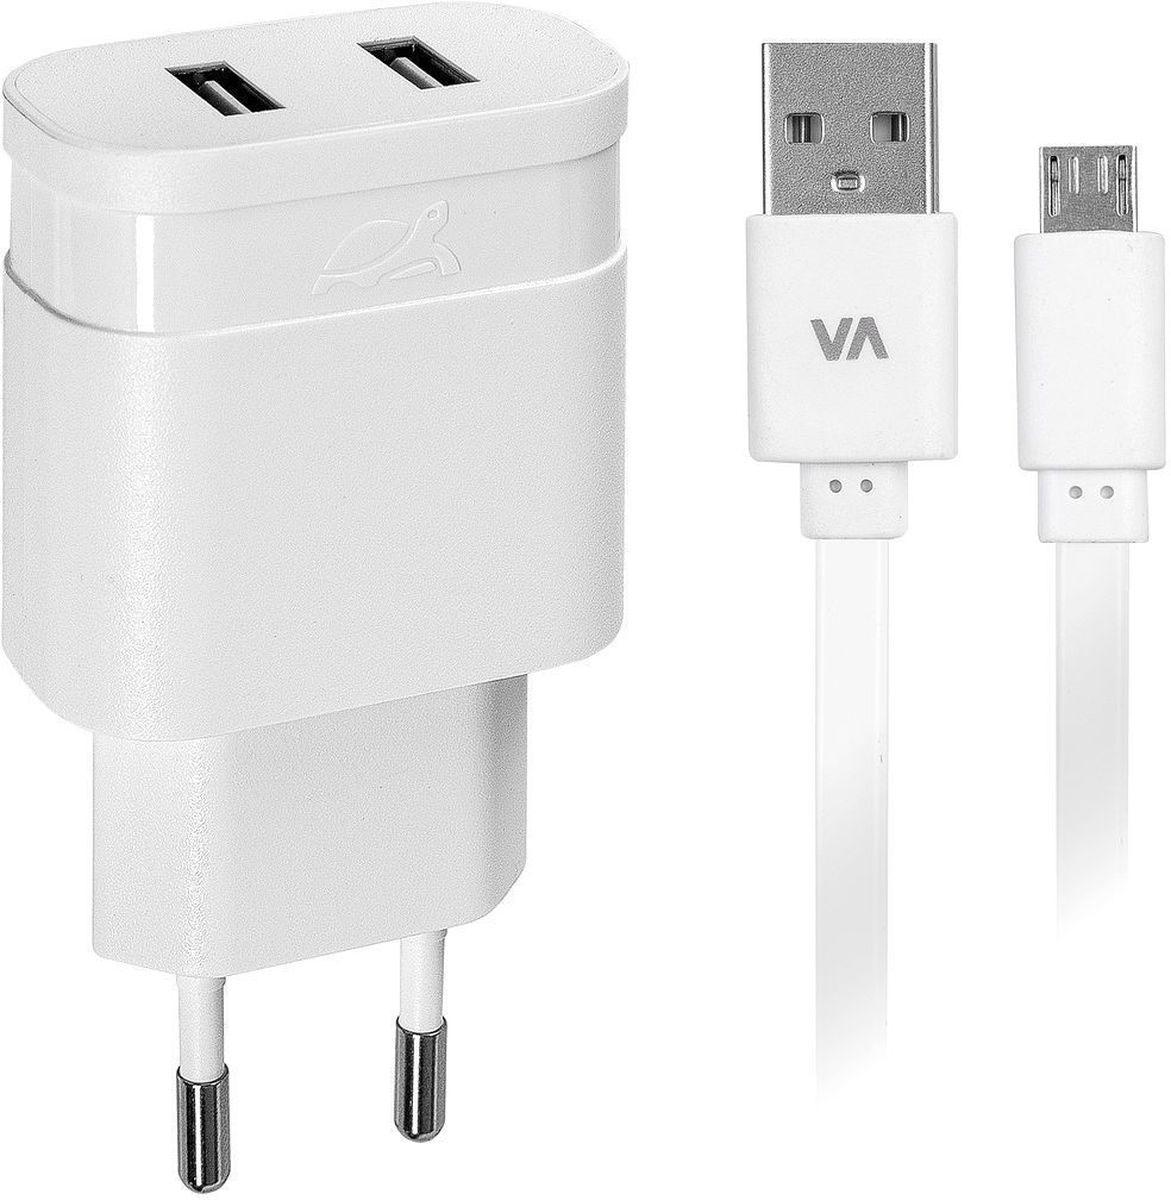 Rivapower VA4122 WD1, White сетевое зарядное устройство - Зарядные устройства и док-станции